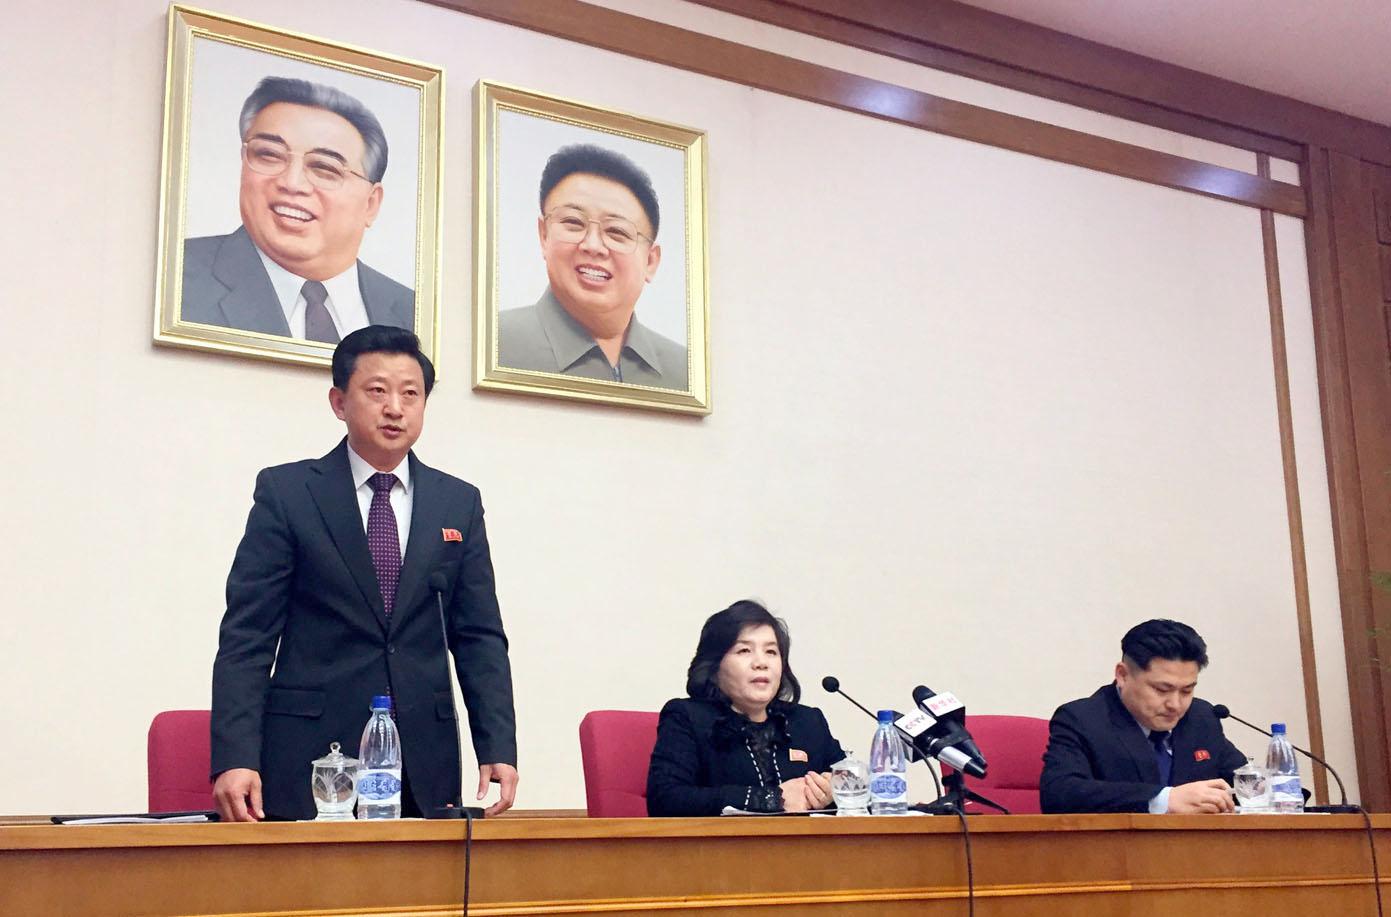 پیانگ یانگ: شمالی کوریا کی نائب وزیر خارجہ چوئی سون ہوئی امریکا سے مذاکرات اور جوہری پروگرام سے متعلق پریس کانفرنس سے خطاب کررہی ہیں